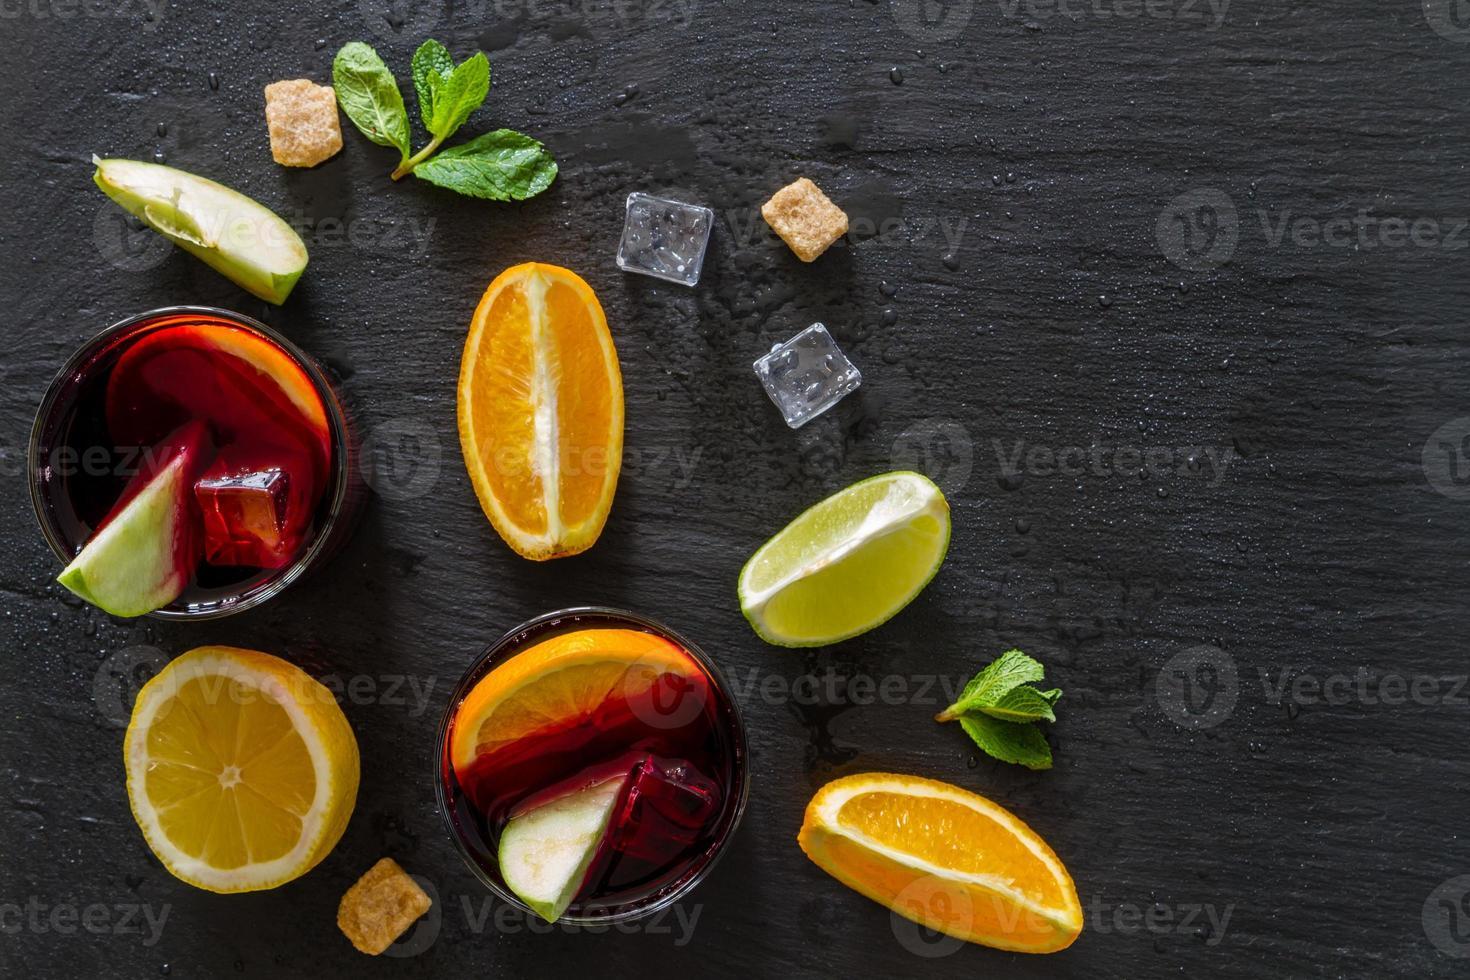 ingrédients de la sangria - tranches d'orange, de citron et de lime, vin photo